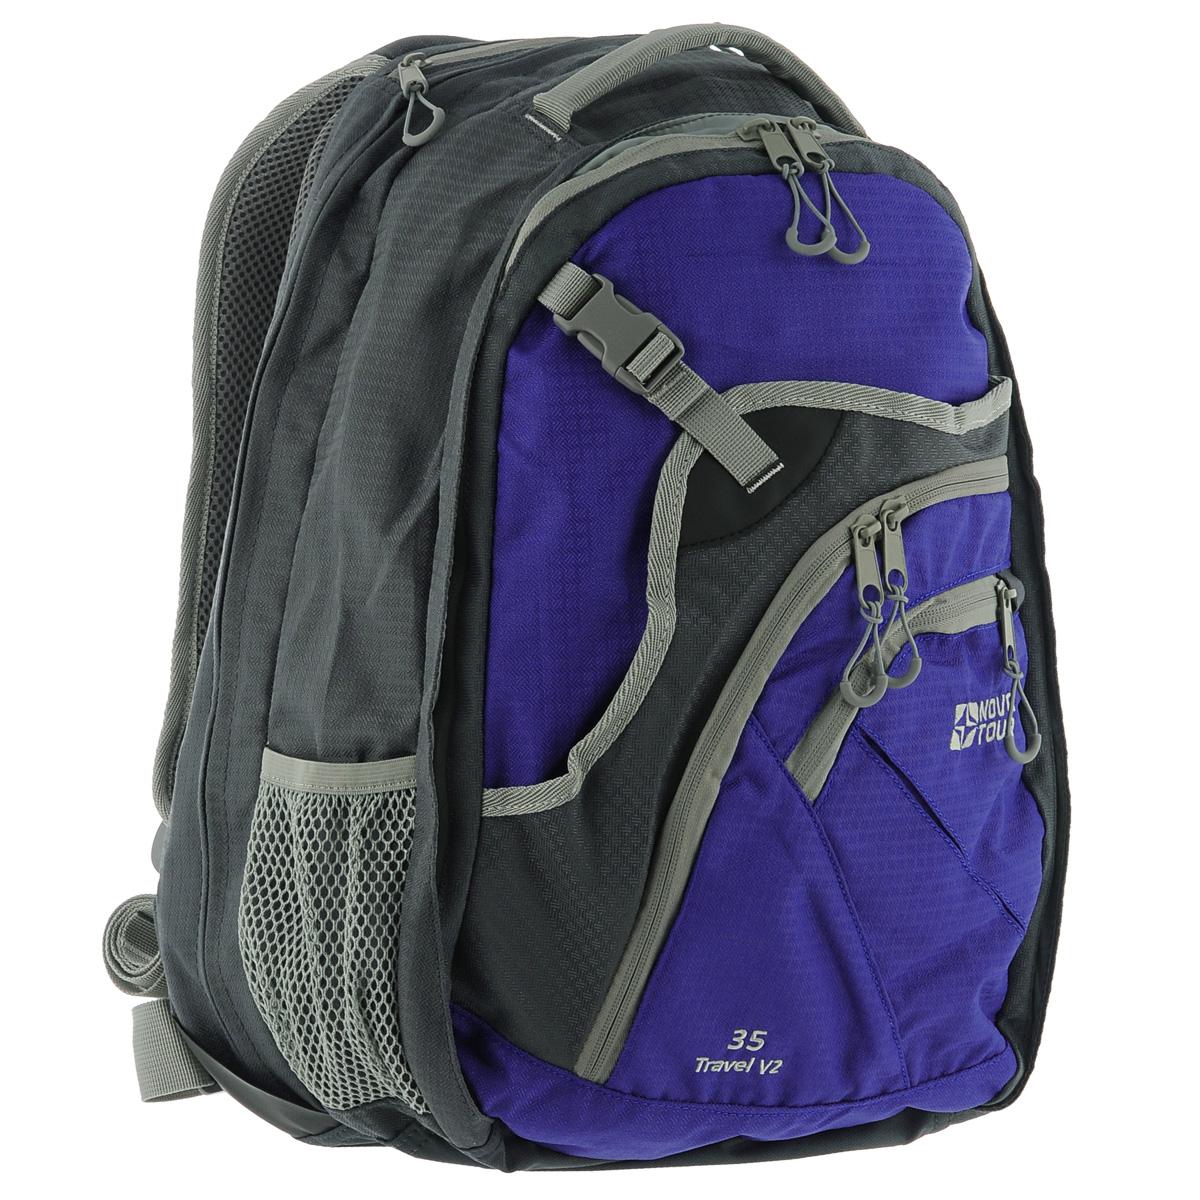 Рюкзак Nova Tour  Трэвел 35 V2 , цвет: серый, синий, 35 л - Туристические рюкзаки